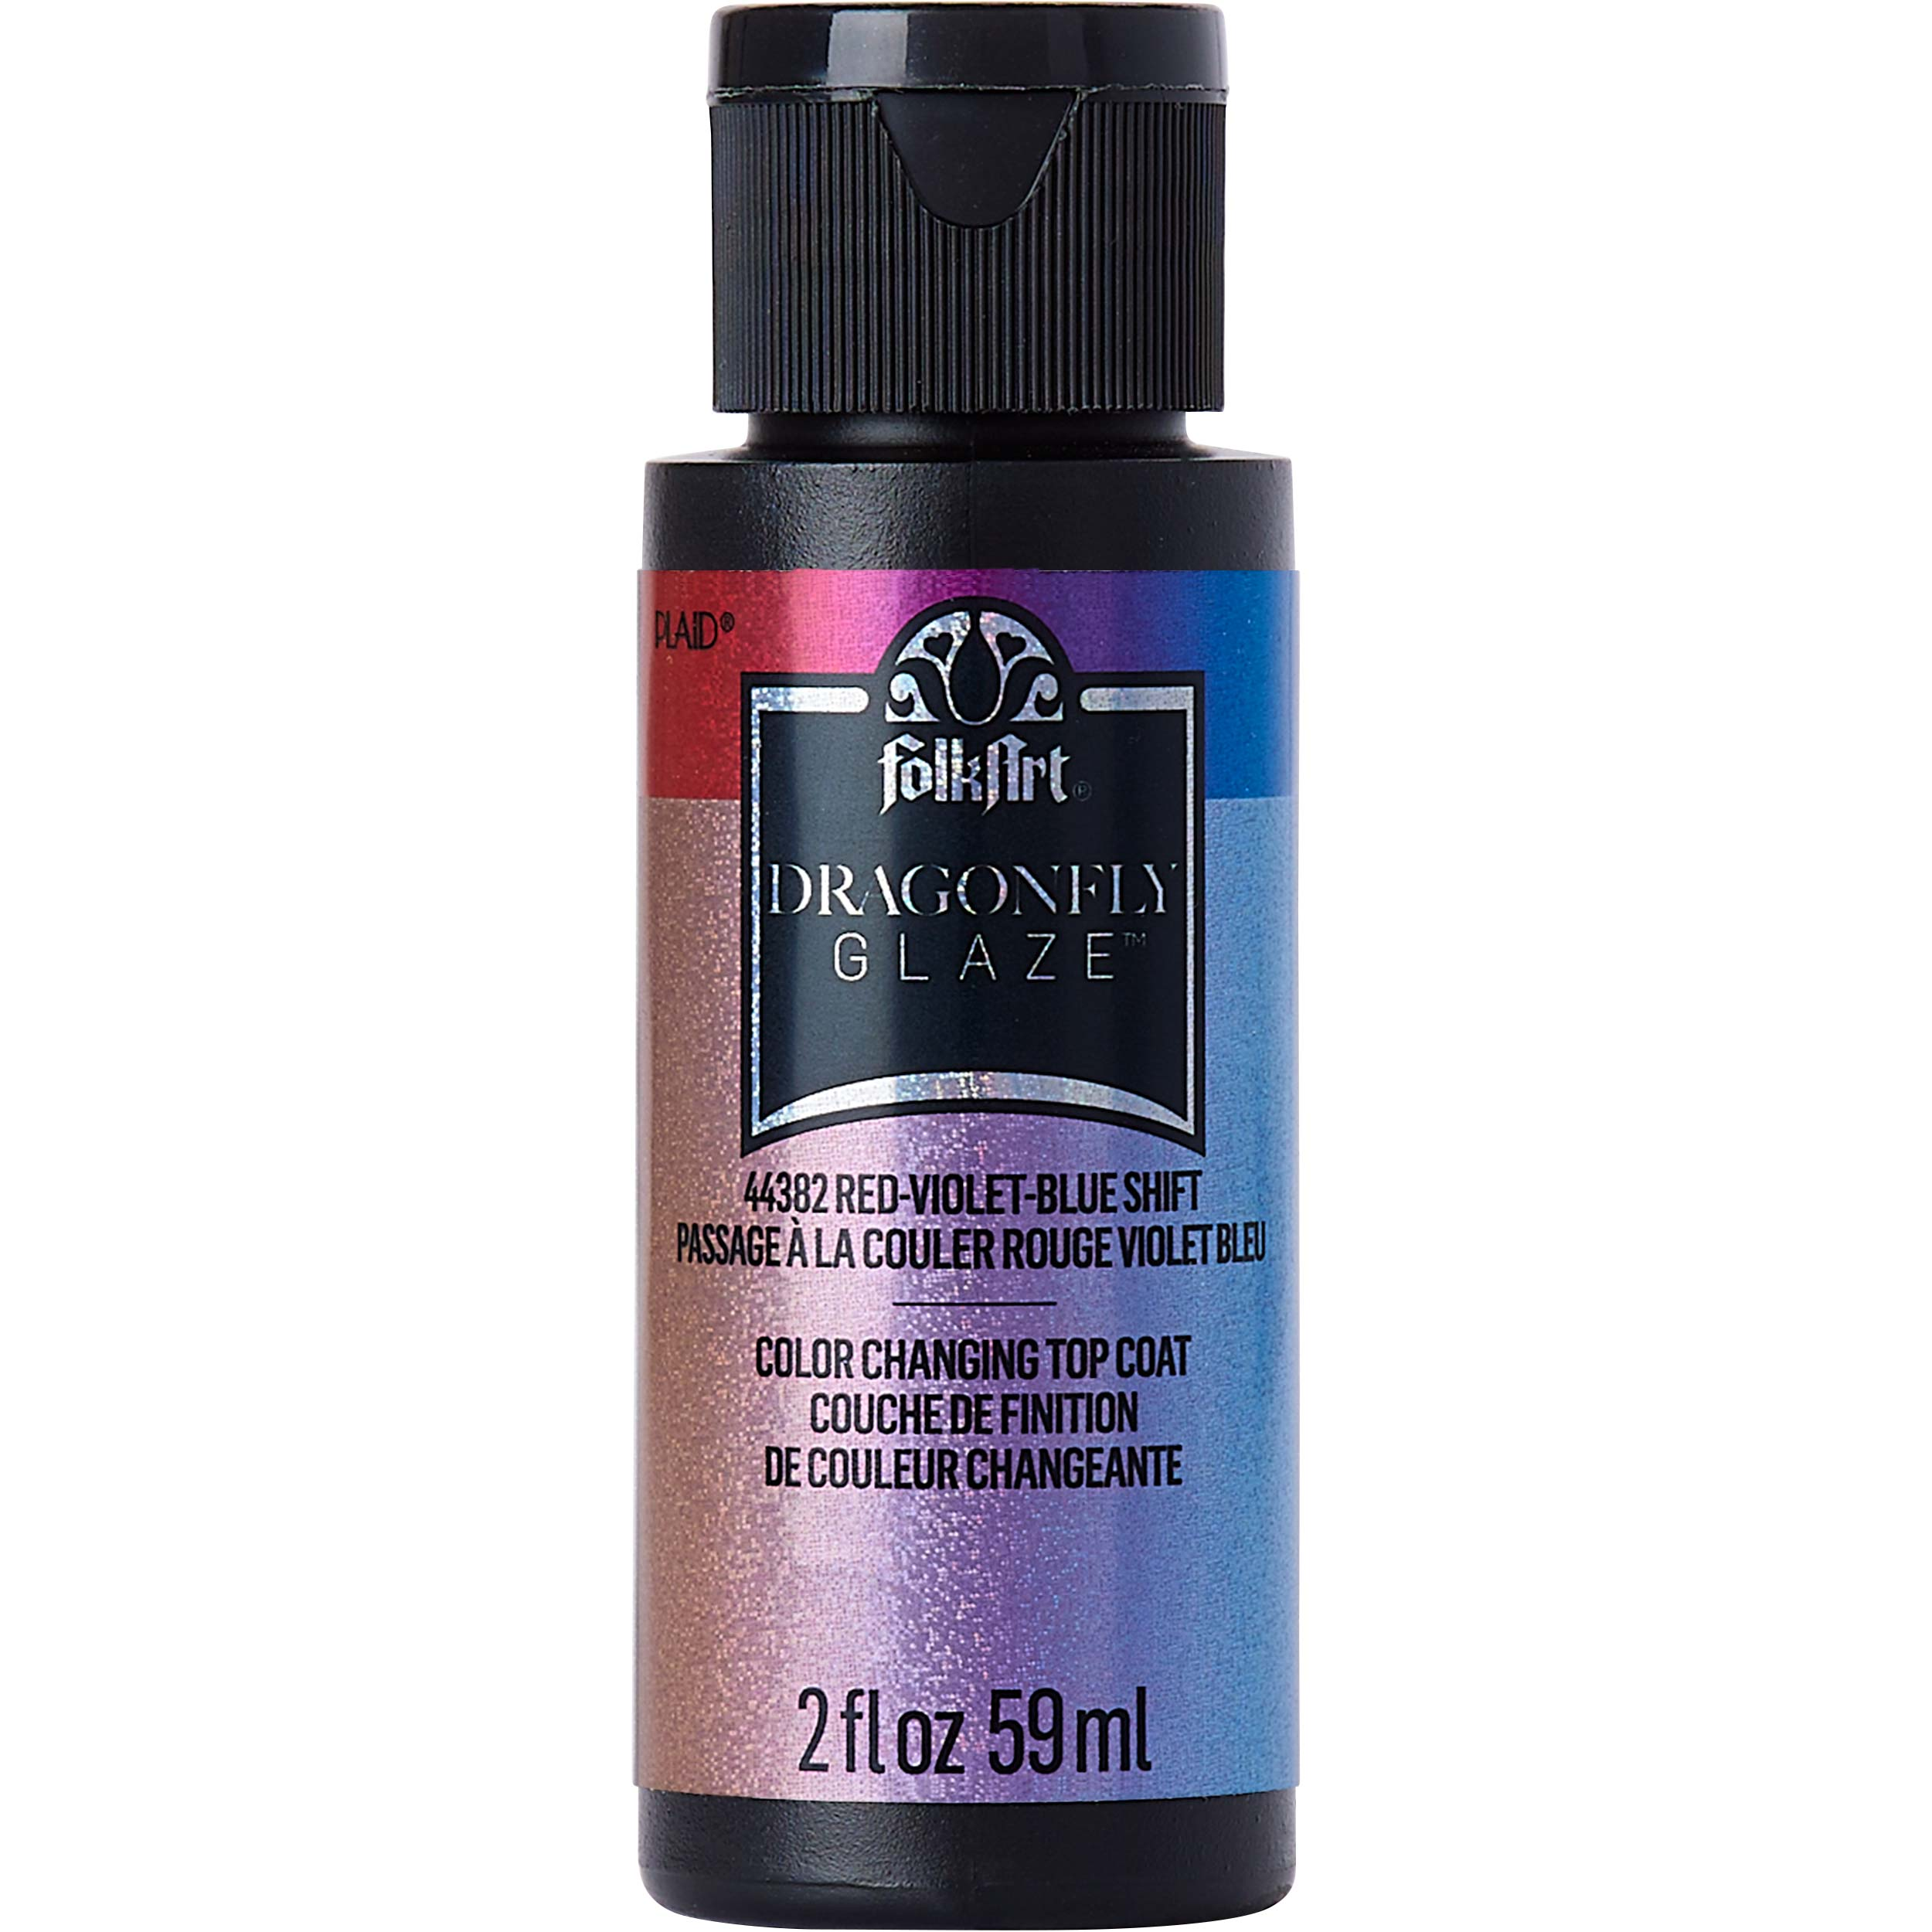 FolkArt ® Dragonfly Glaze™ - Red-Violet-Blue, 2 oz. - 44382